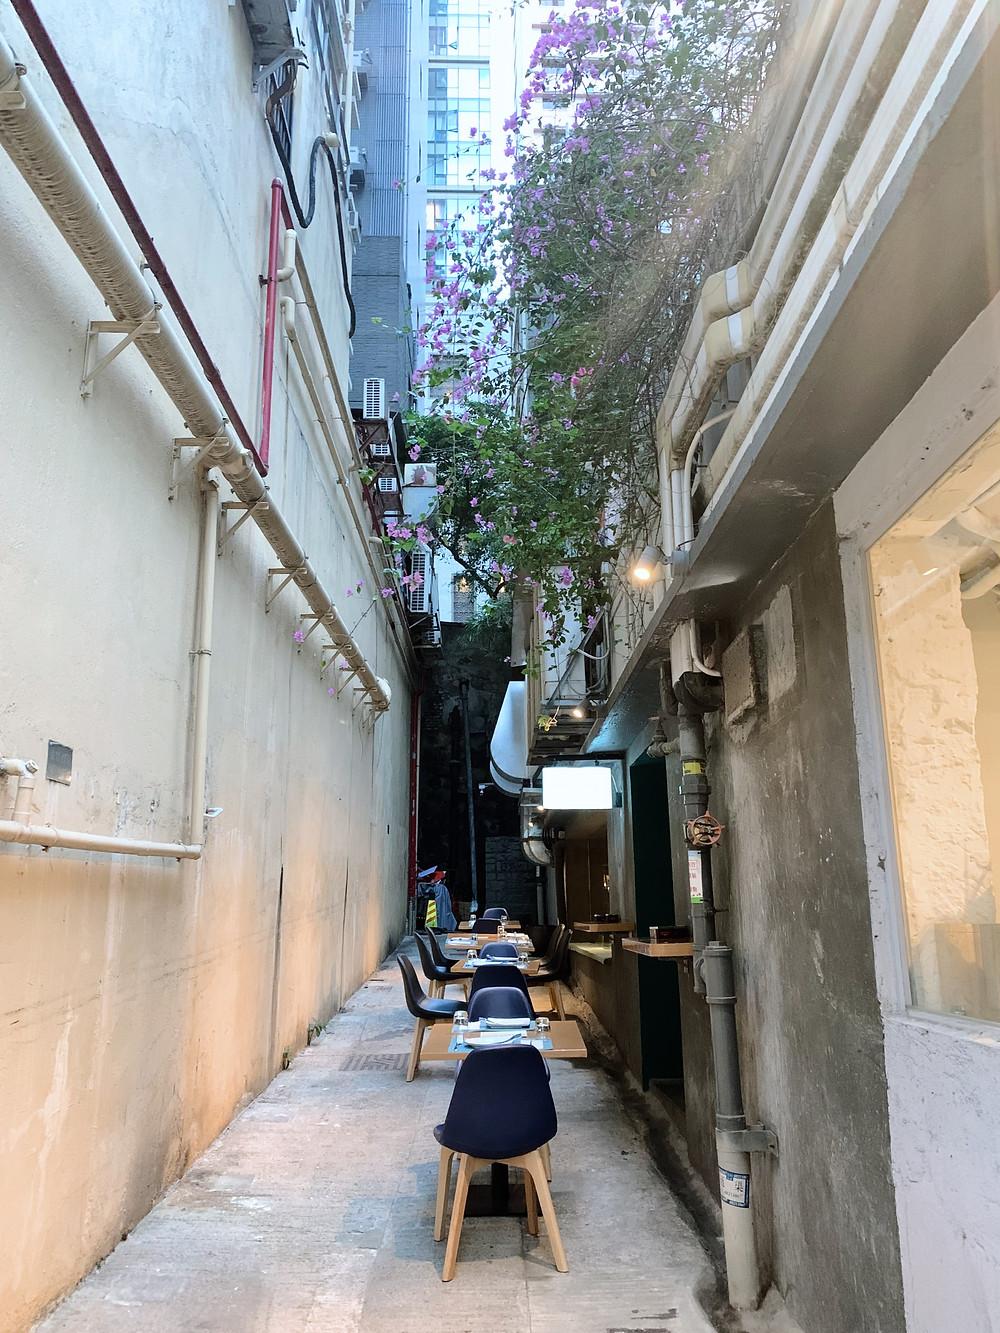 LucAle Italian restaurant in Sai Ying Pun Hong Kong